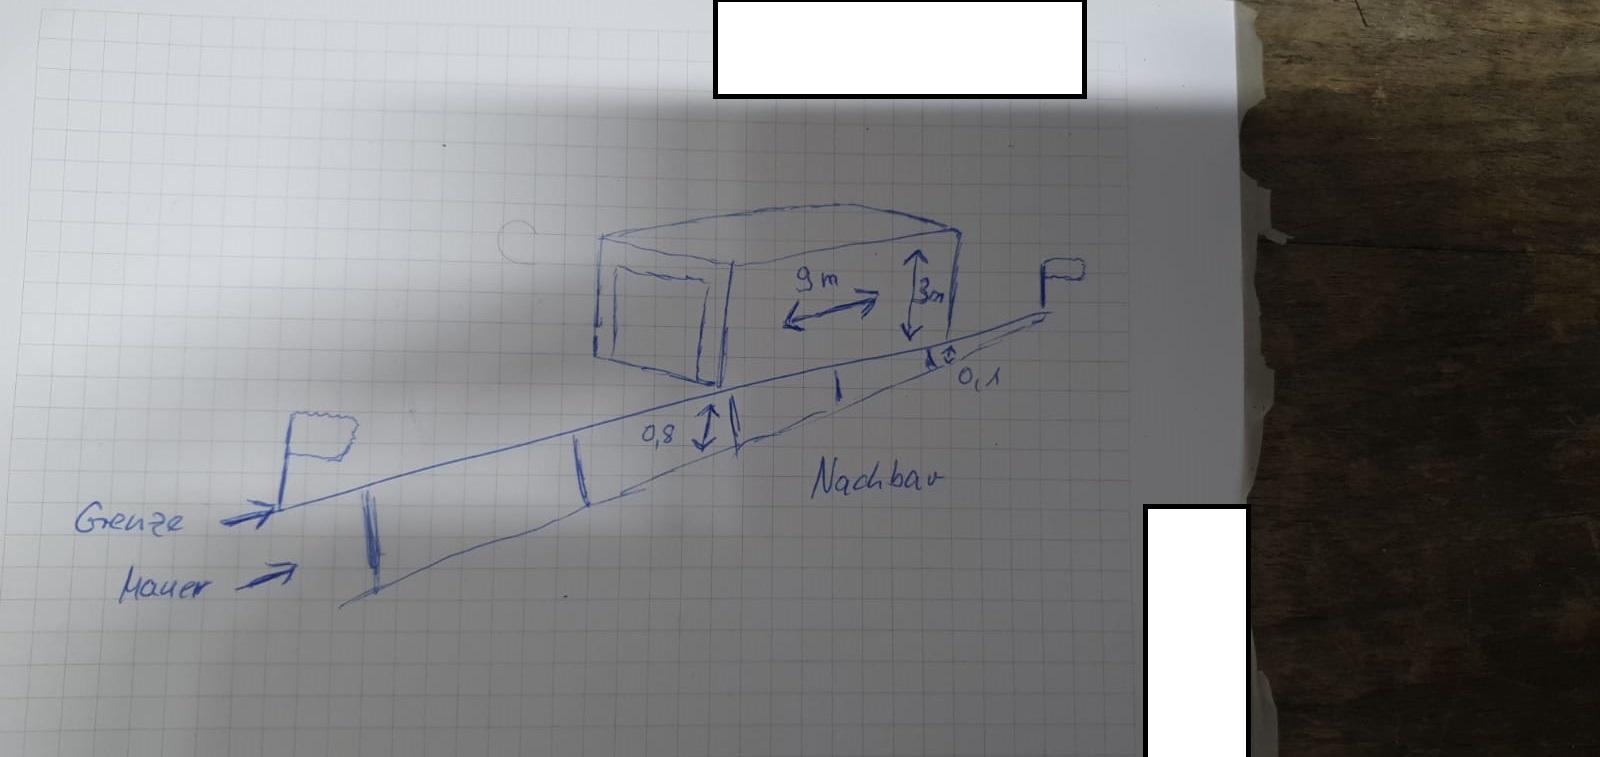 IMG-20200730-WA0001.jpg